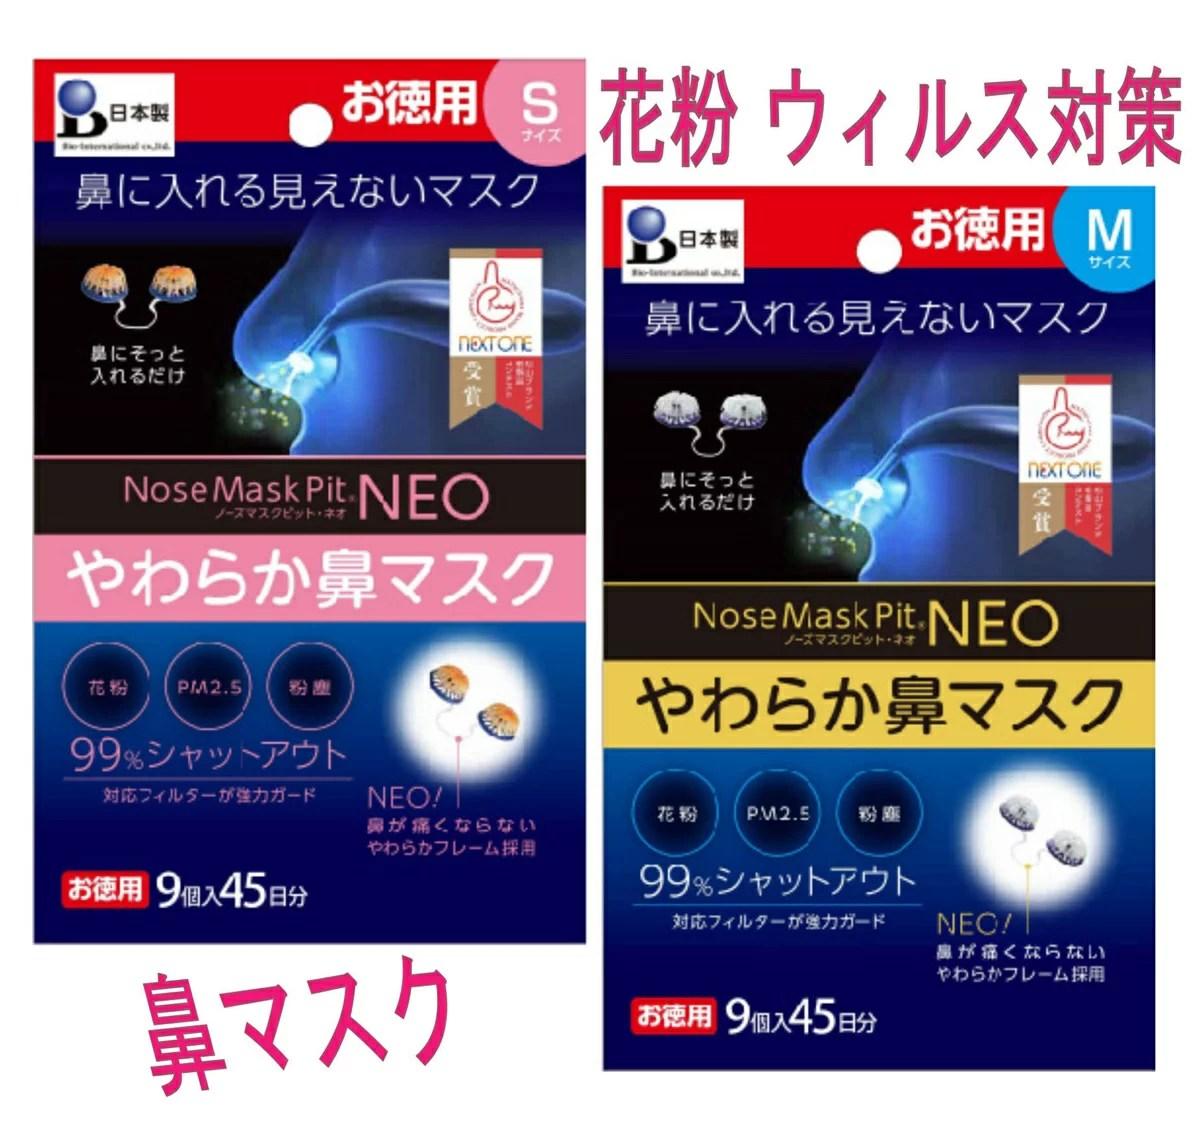 花粉 マスク 最強 日本製 鼻マスク 鼻栓 マスク ウィルス対策 マスク代用 ノ